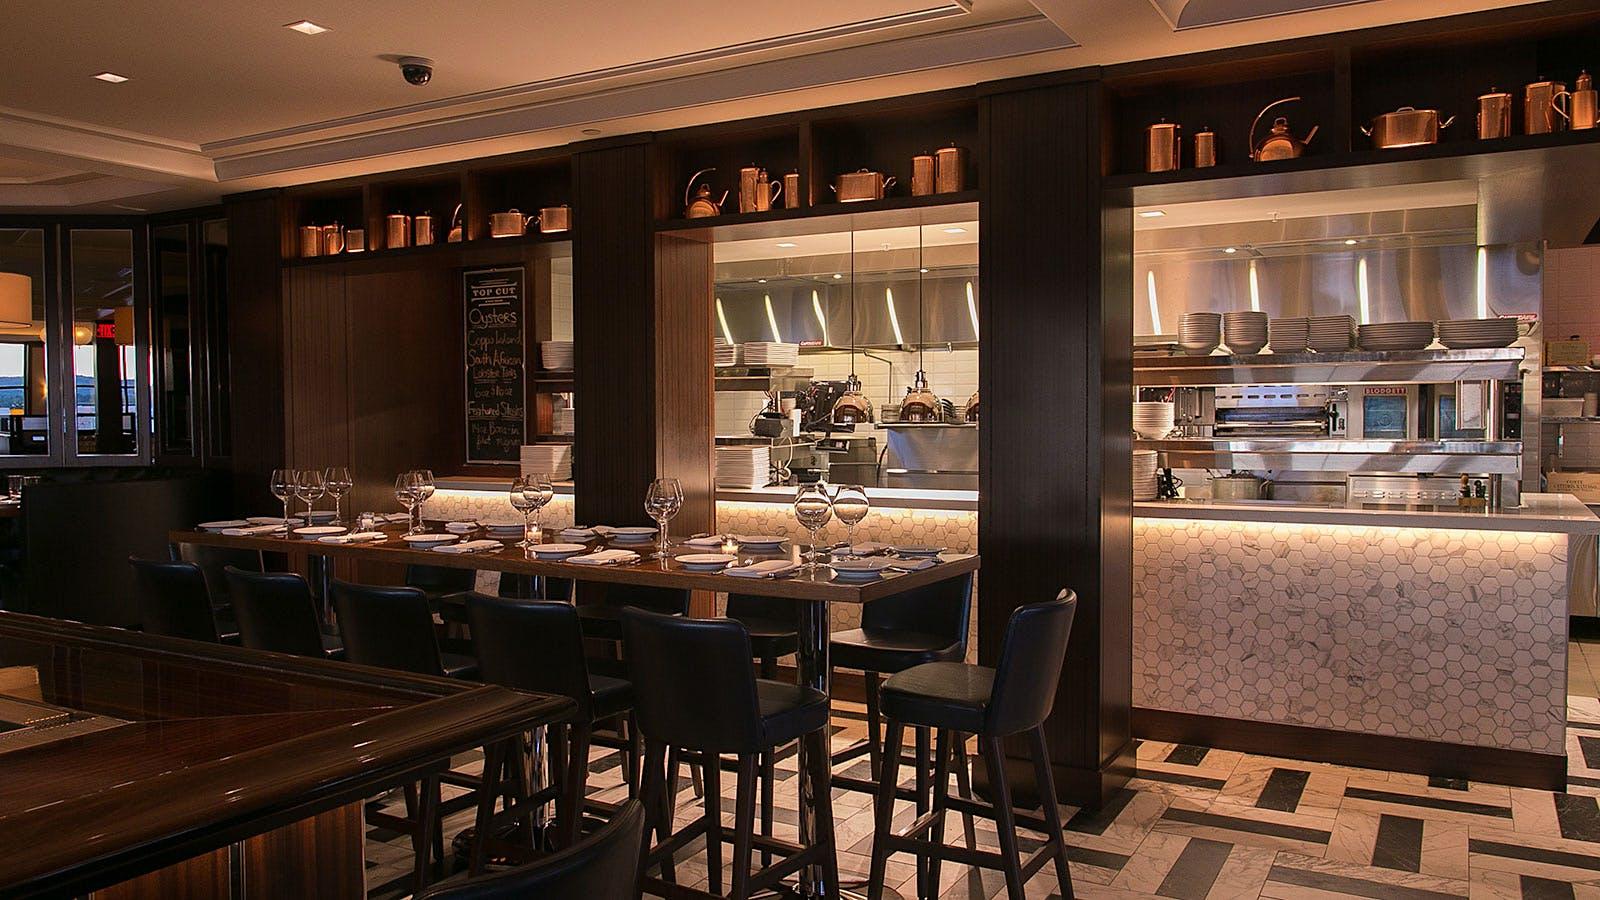 Restaurant Spotlight: Top Cut Steak House